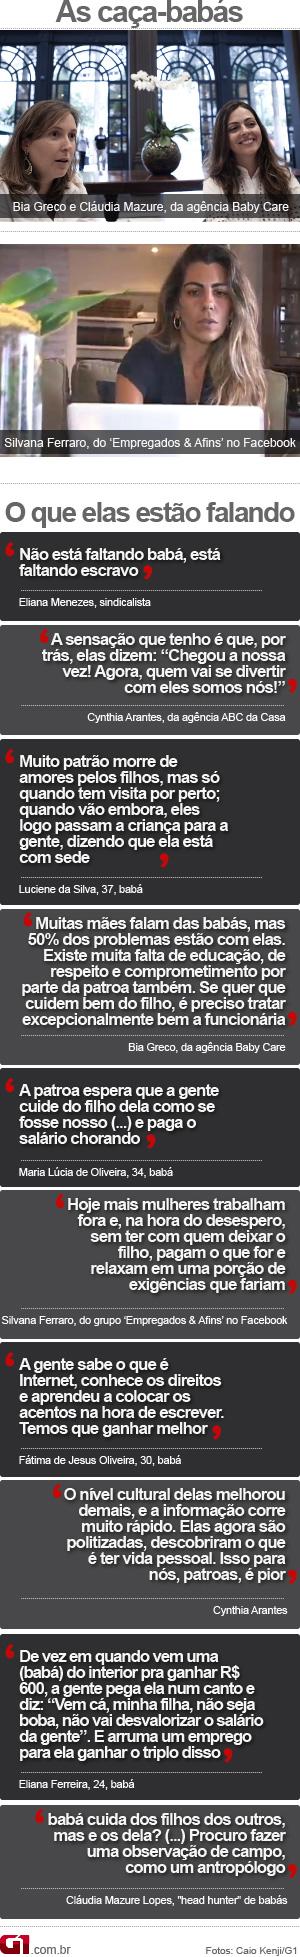 arte babás frases (Foto: Caio Kenji/Lucas Frasão/Editoria de Arte/G1)